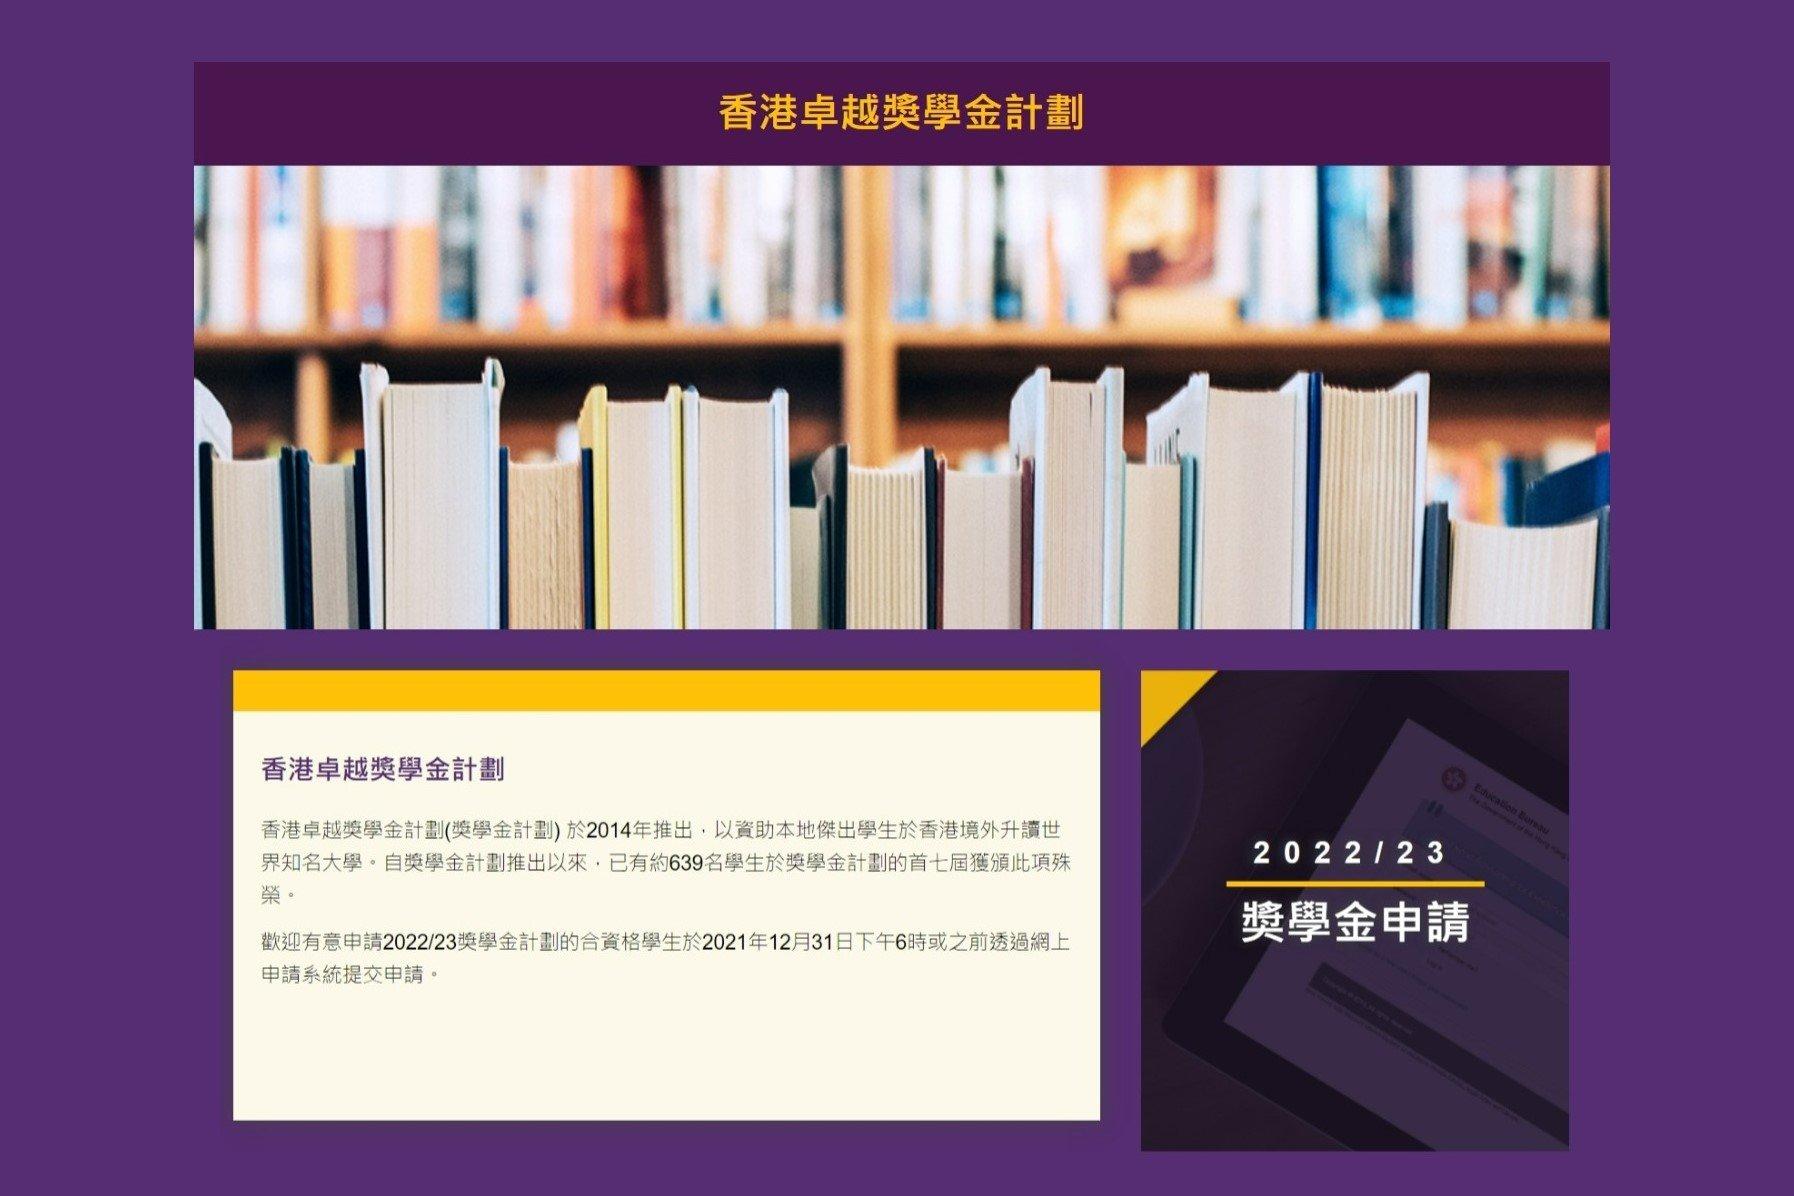 香港卓越獎學金計劃由今日起至12月31日下午6時或之前可接受申請。(獎學金計劃網站截圖)